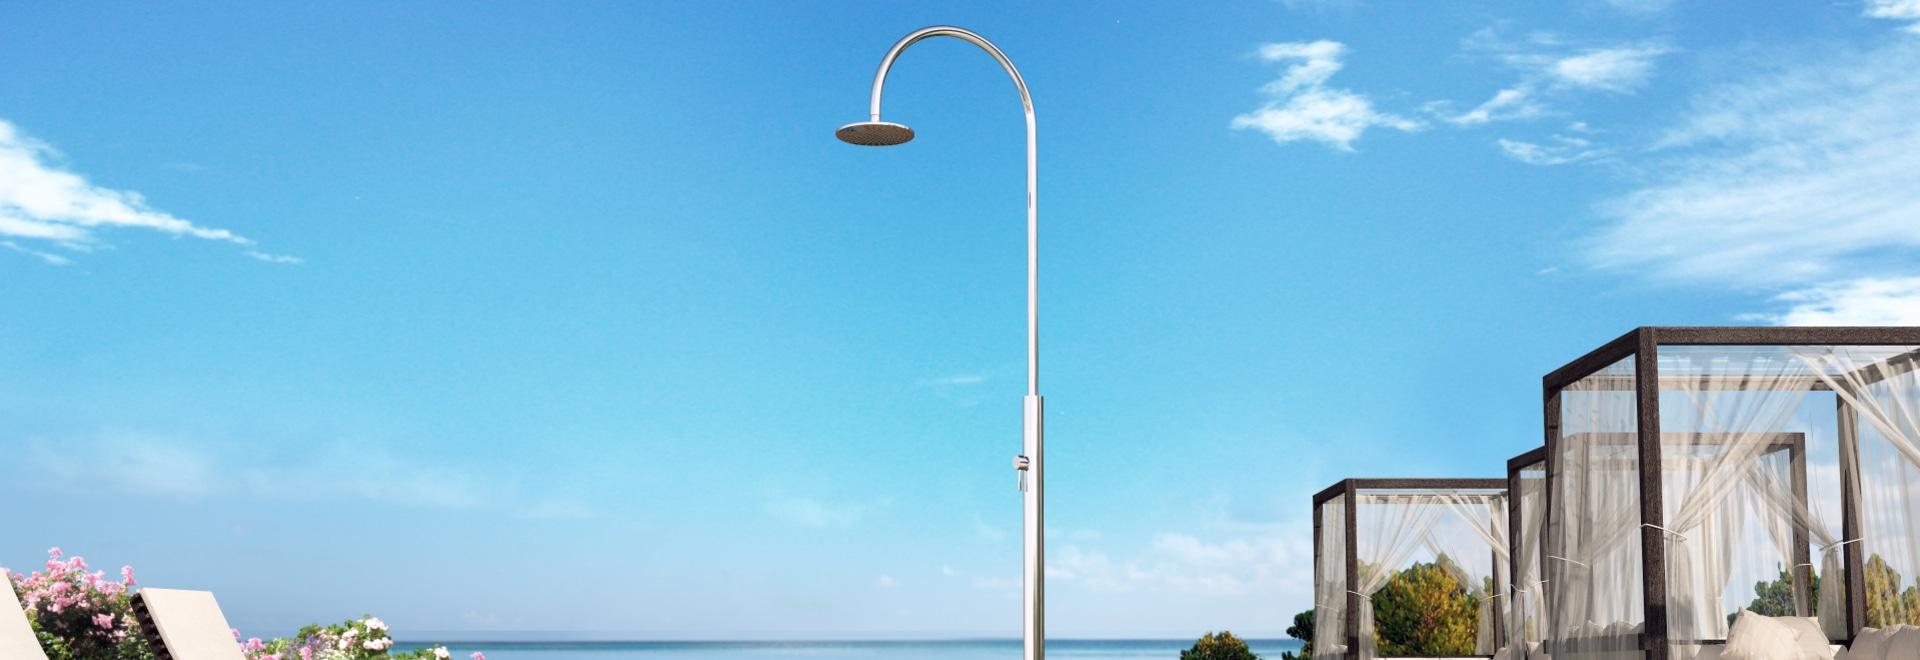 Aria Cylinder M Beauty - ducha al aire libre náutica de acero inoxidable para la piscina y el jardín